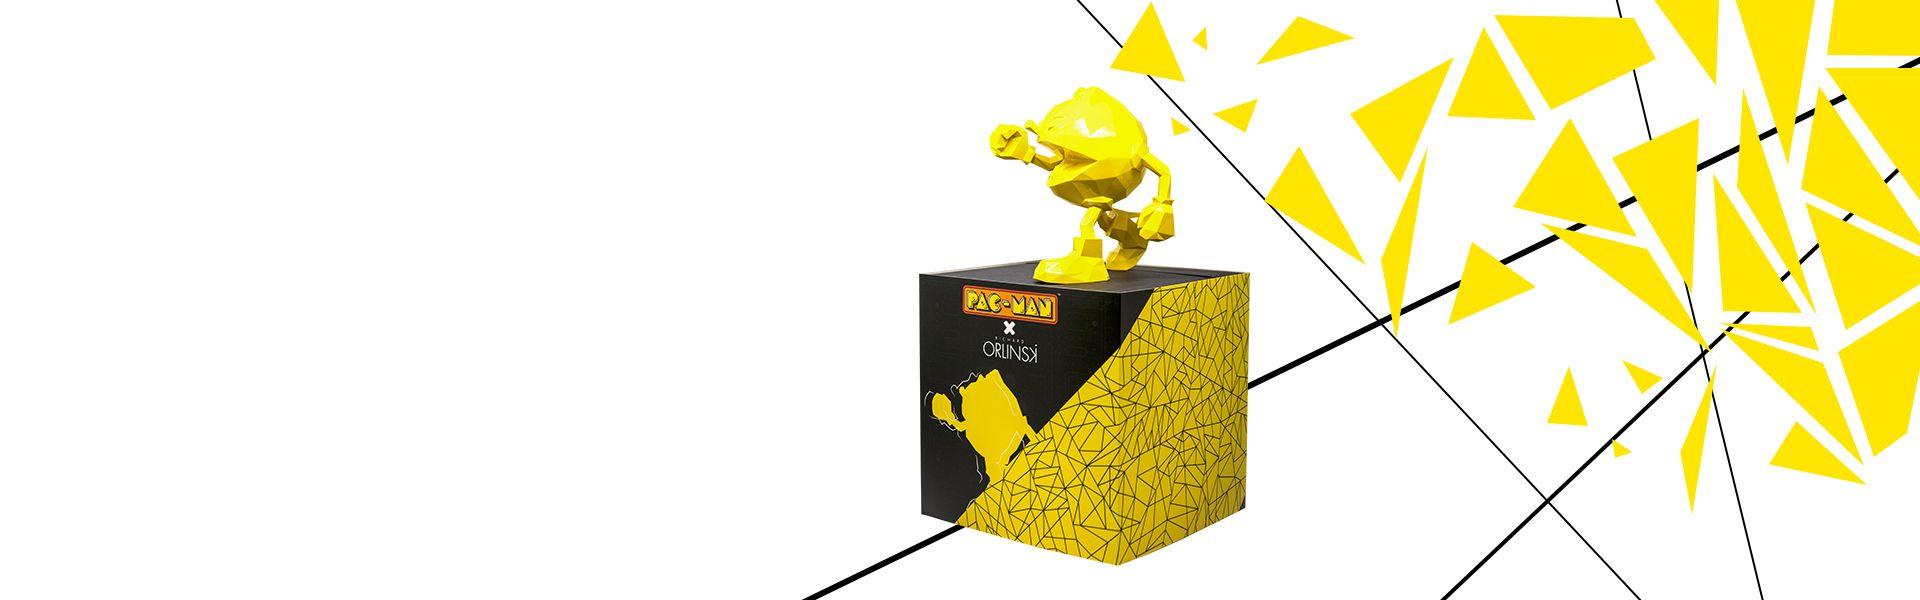 PAC-MAN x Orlinski : Die offizielle Statue